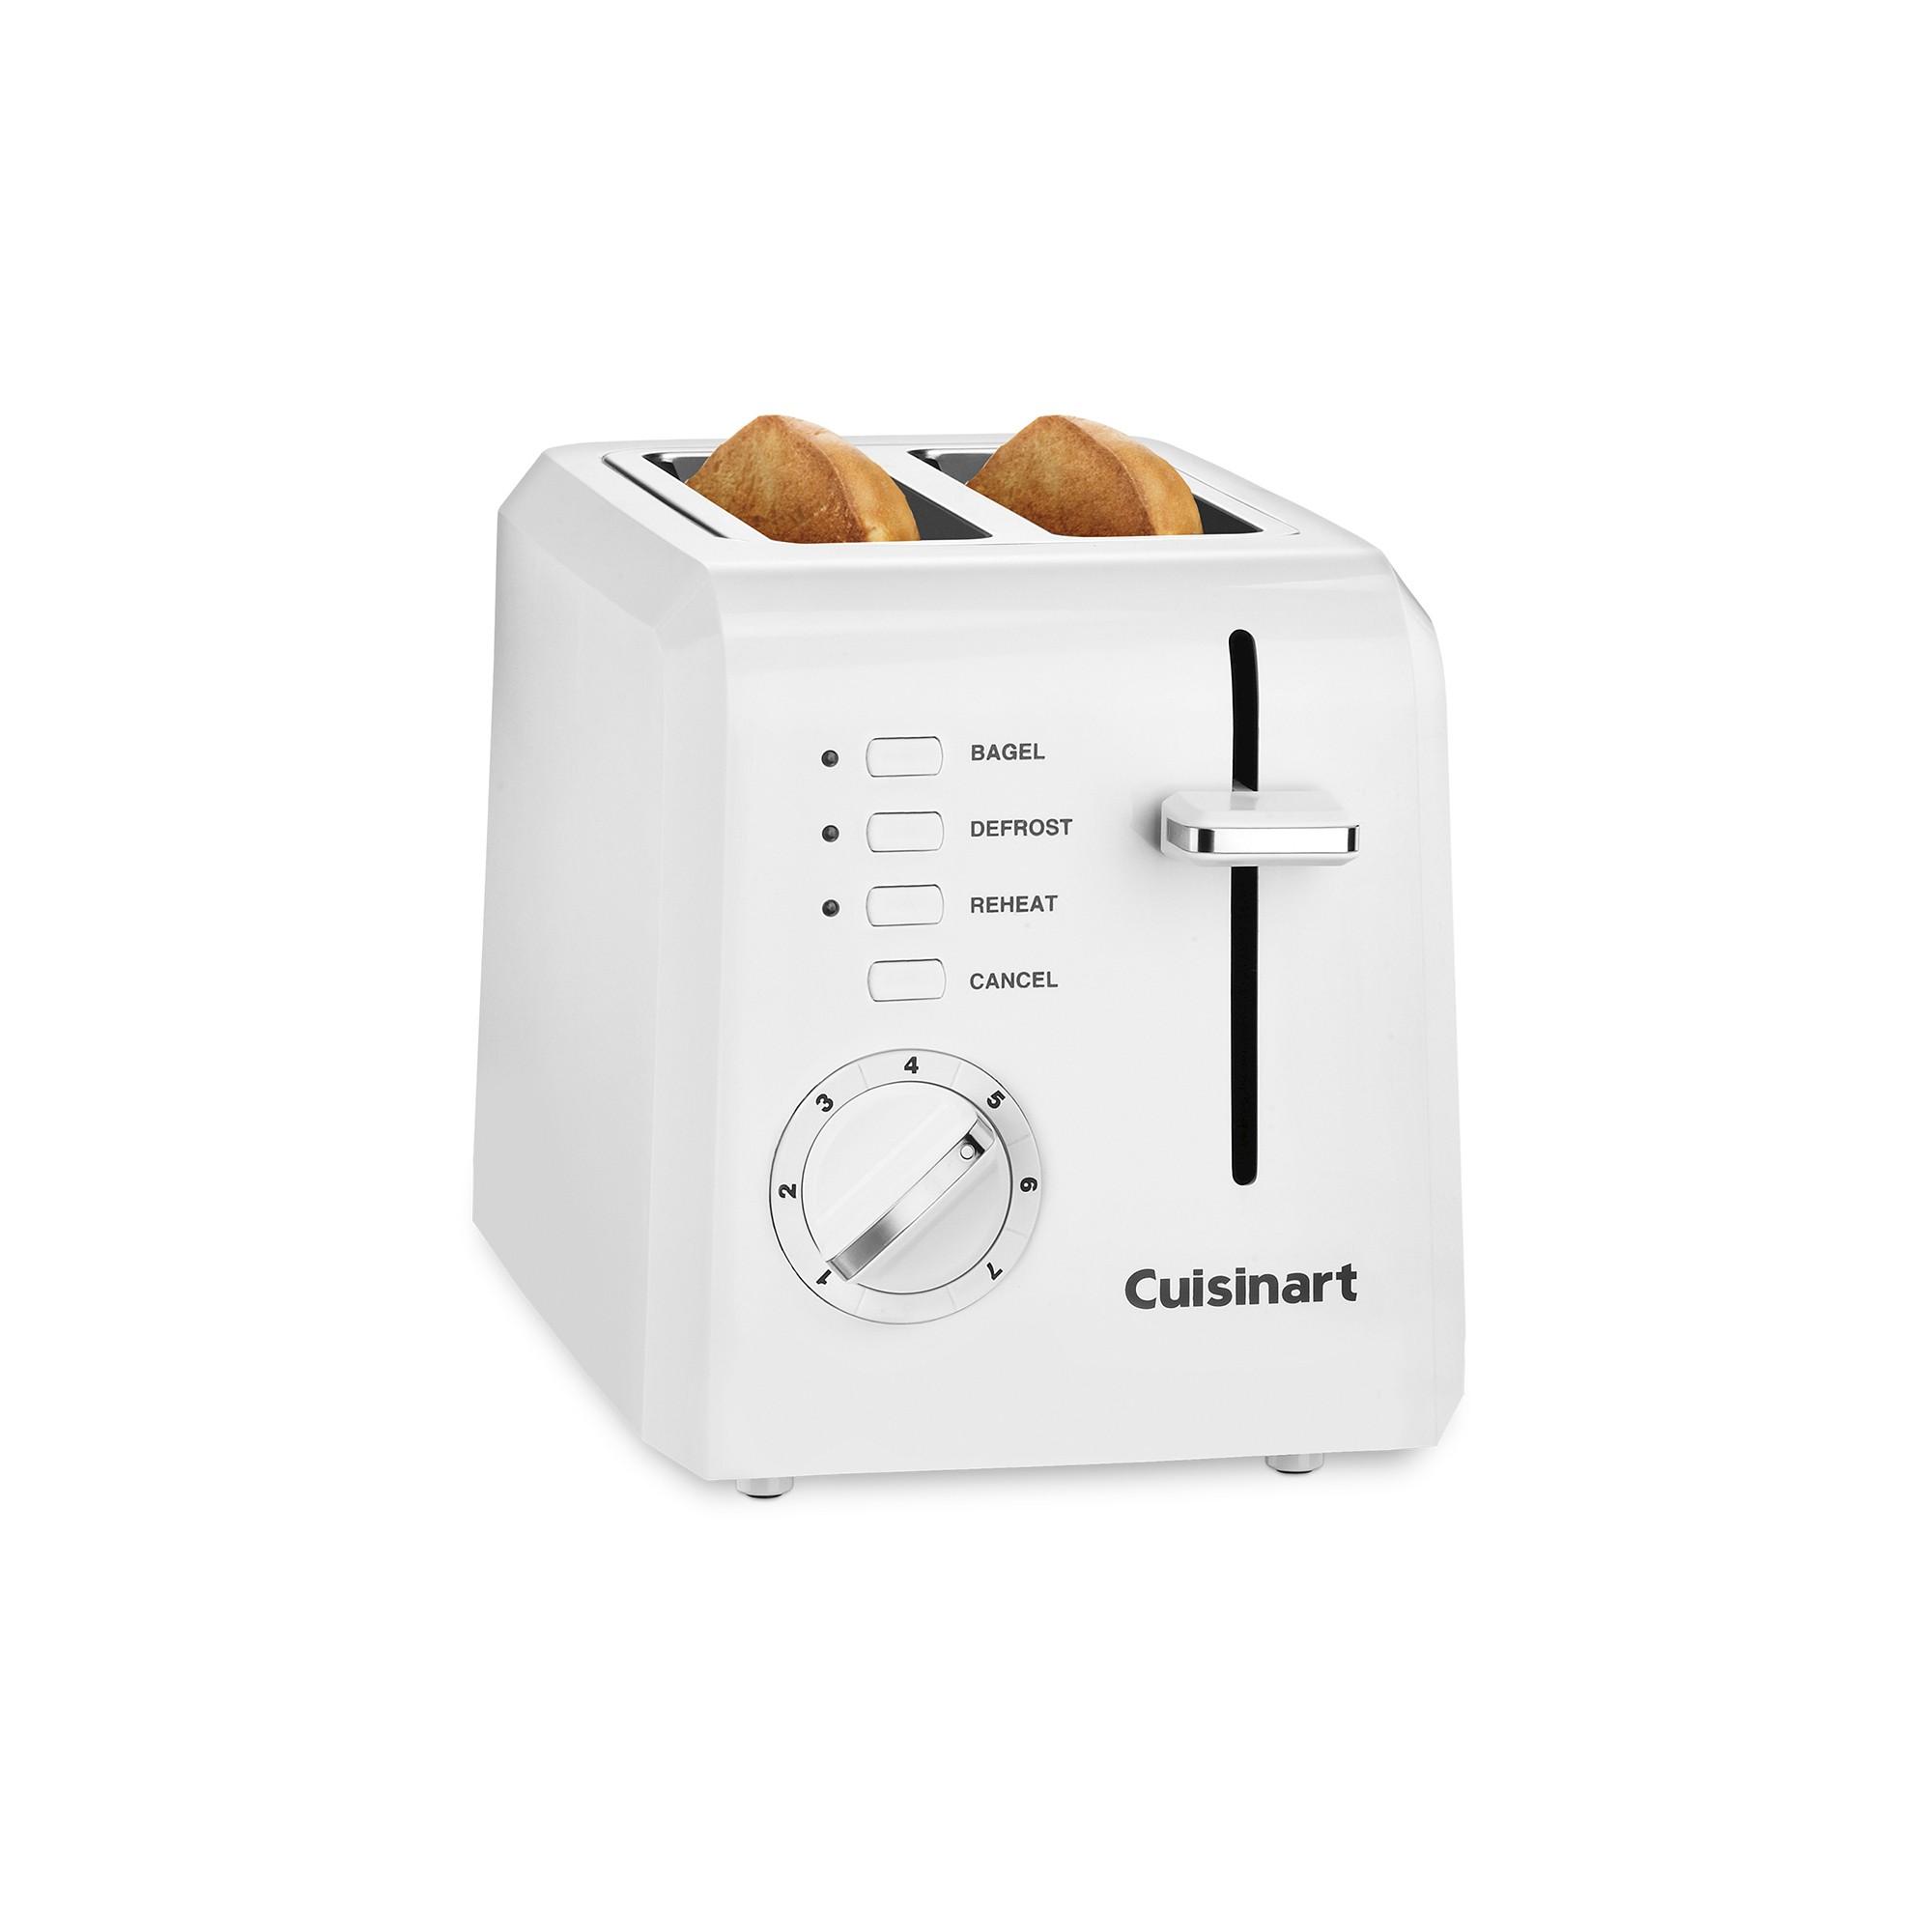 Cuisinart 2 Slice Toaster - White Cpt-122